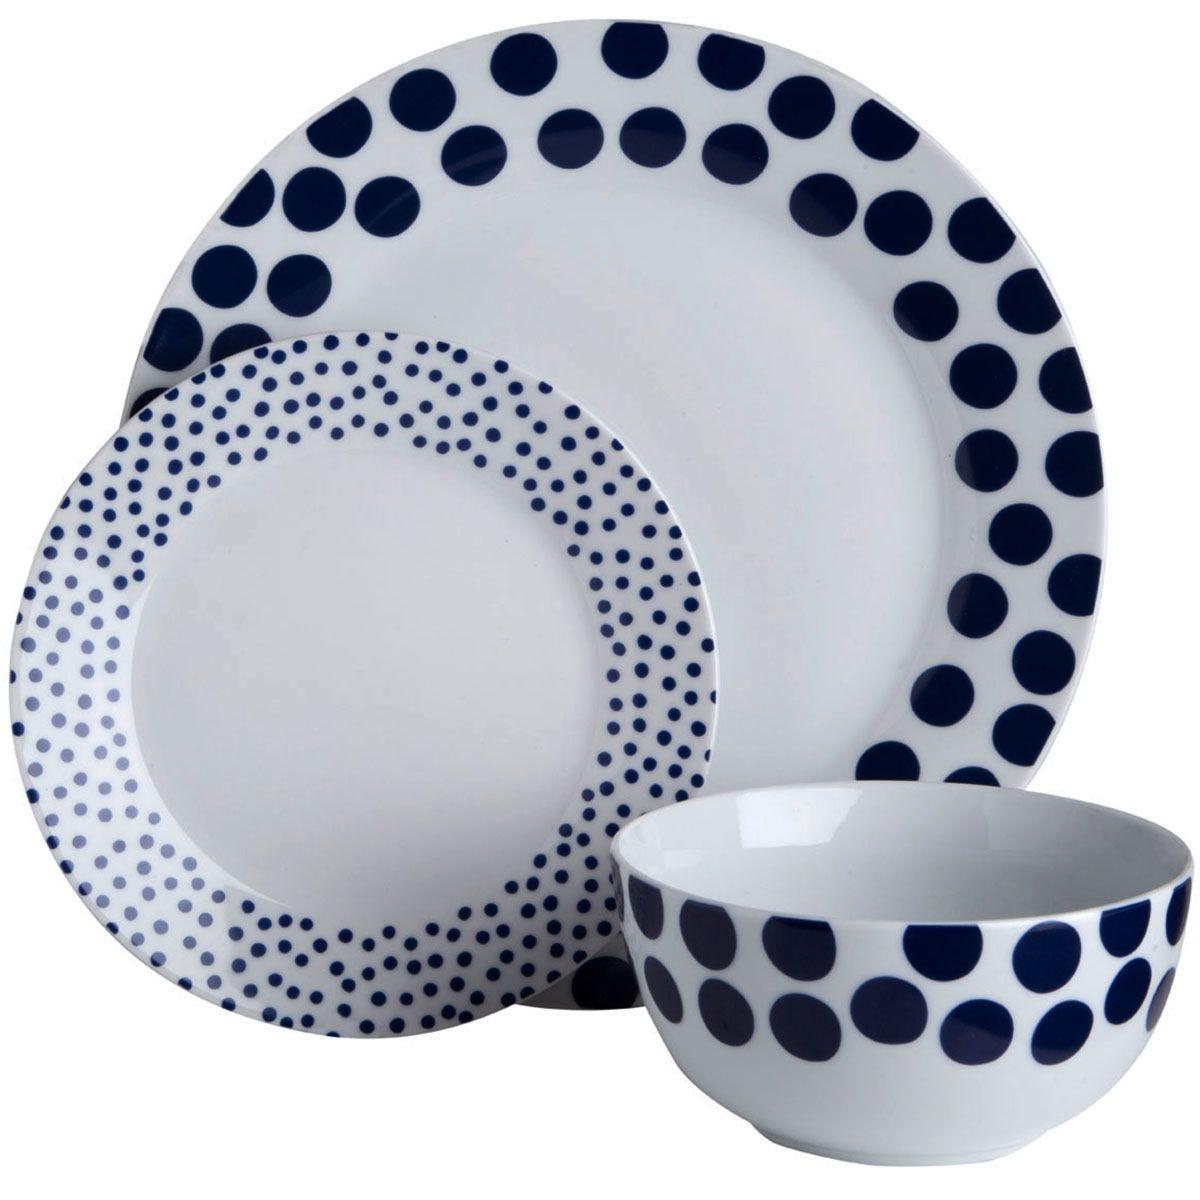 Premier Housewares 12-Piece Blue Spots Dinner Set